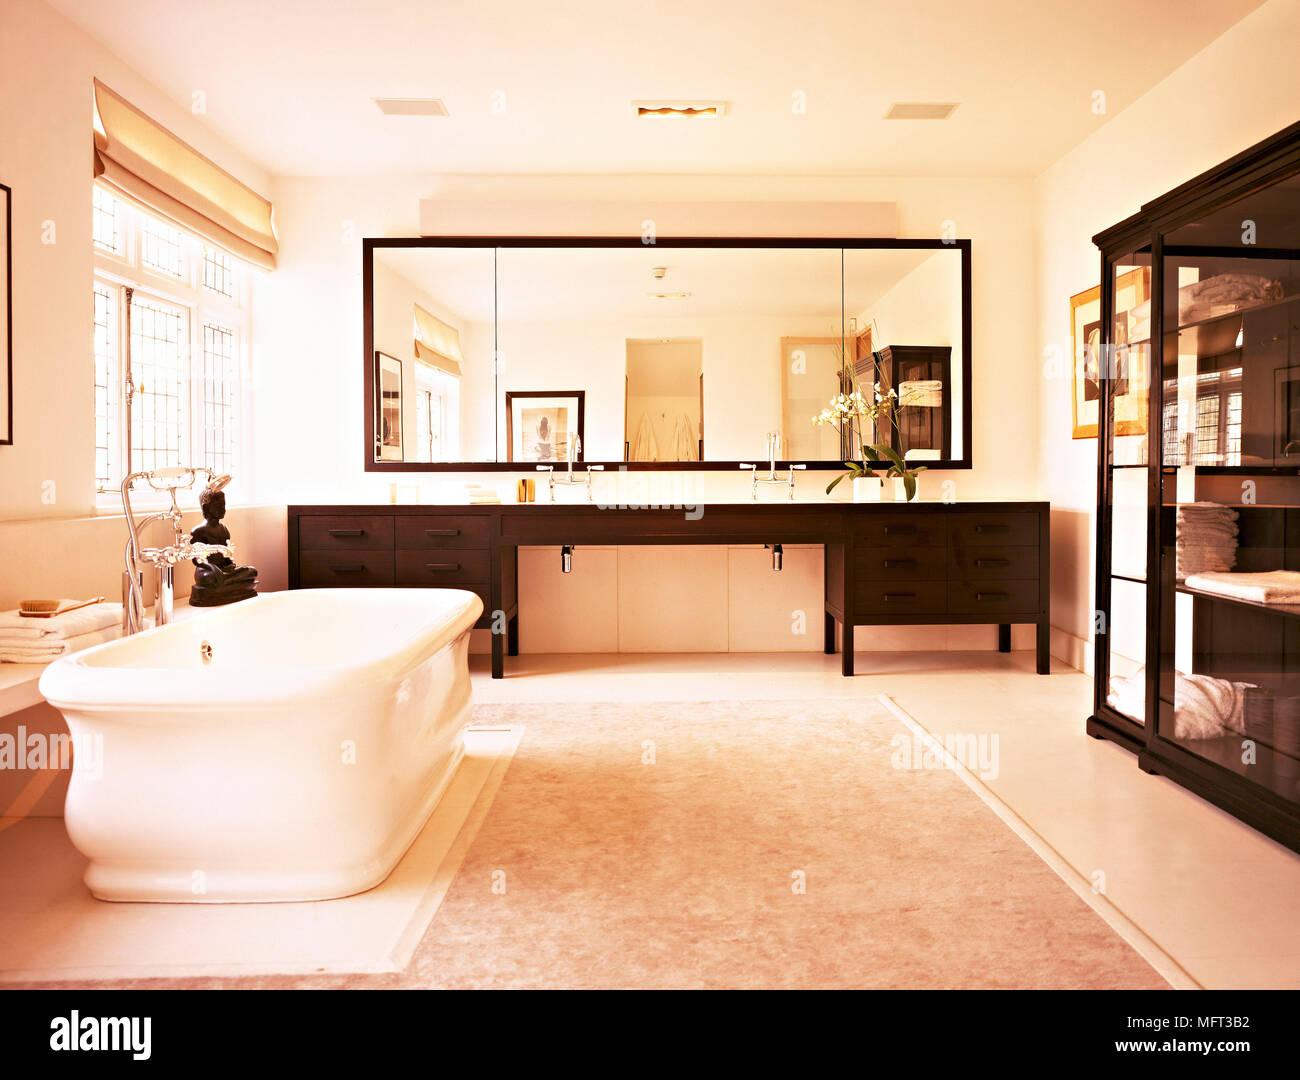 Bagno Marrone Moderno : Neutro moderno bagno bagno freestanding lavabi impostato nell